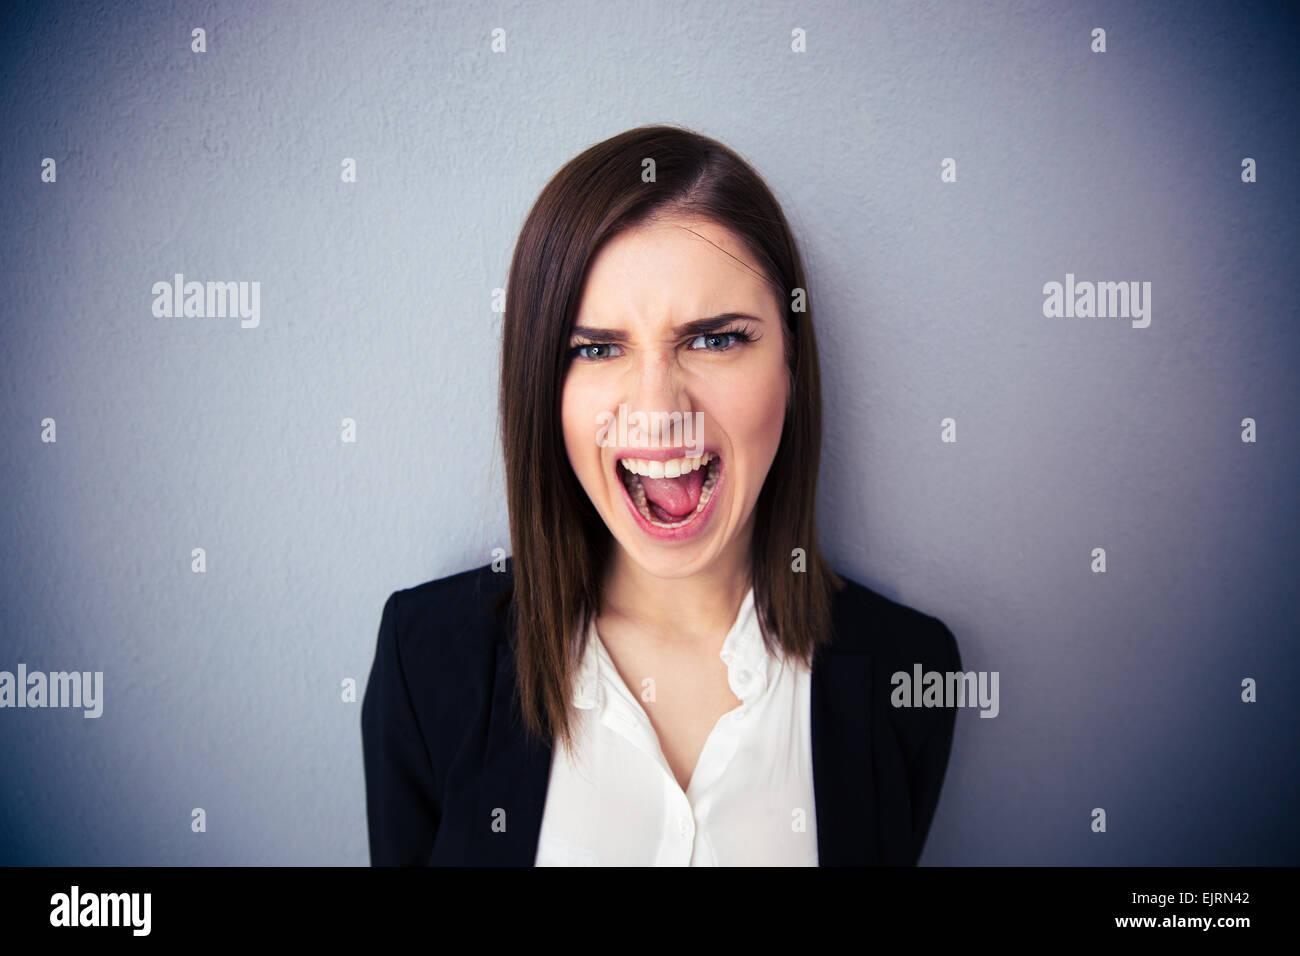 Imprenditrice arrabbiato grida su sfondo grigio. Guardando la fotocamera Immagini Stock